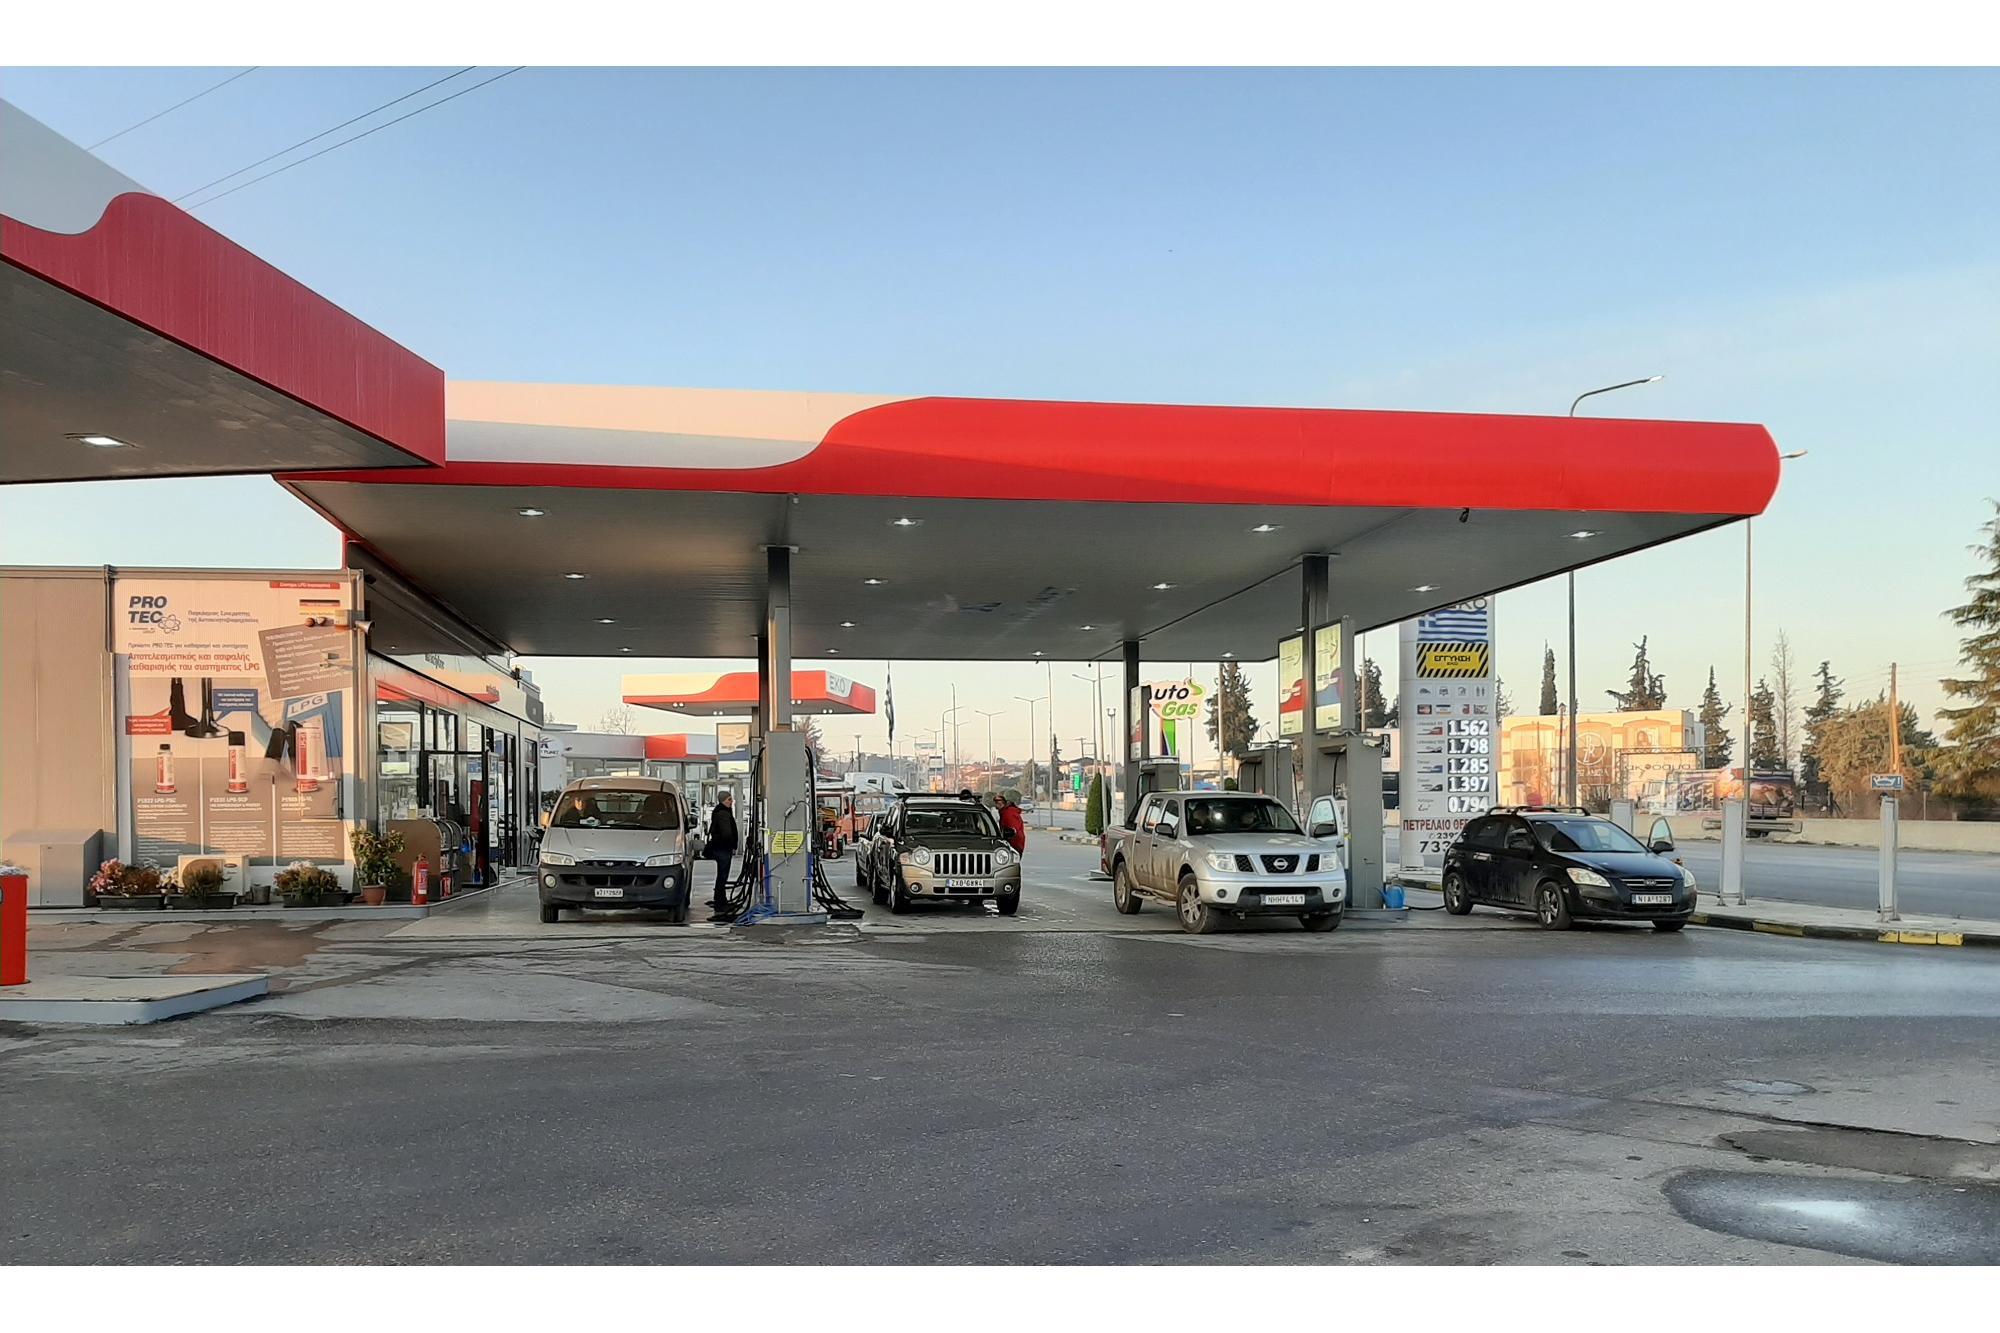 Κατακόρυφη πτώση στις τιμές του πετρελαίου!